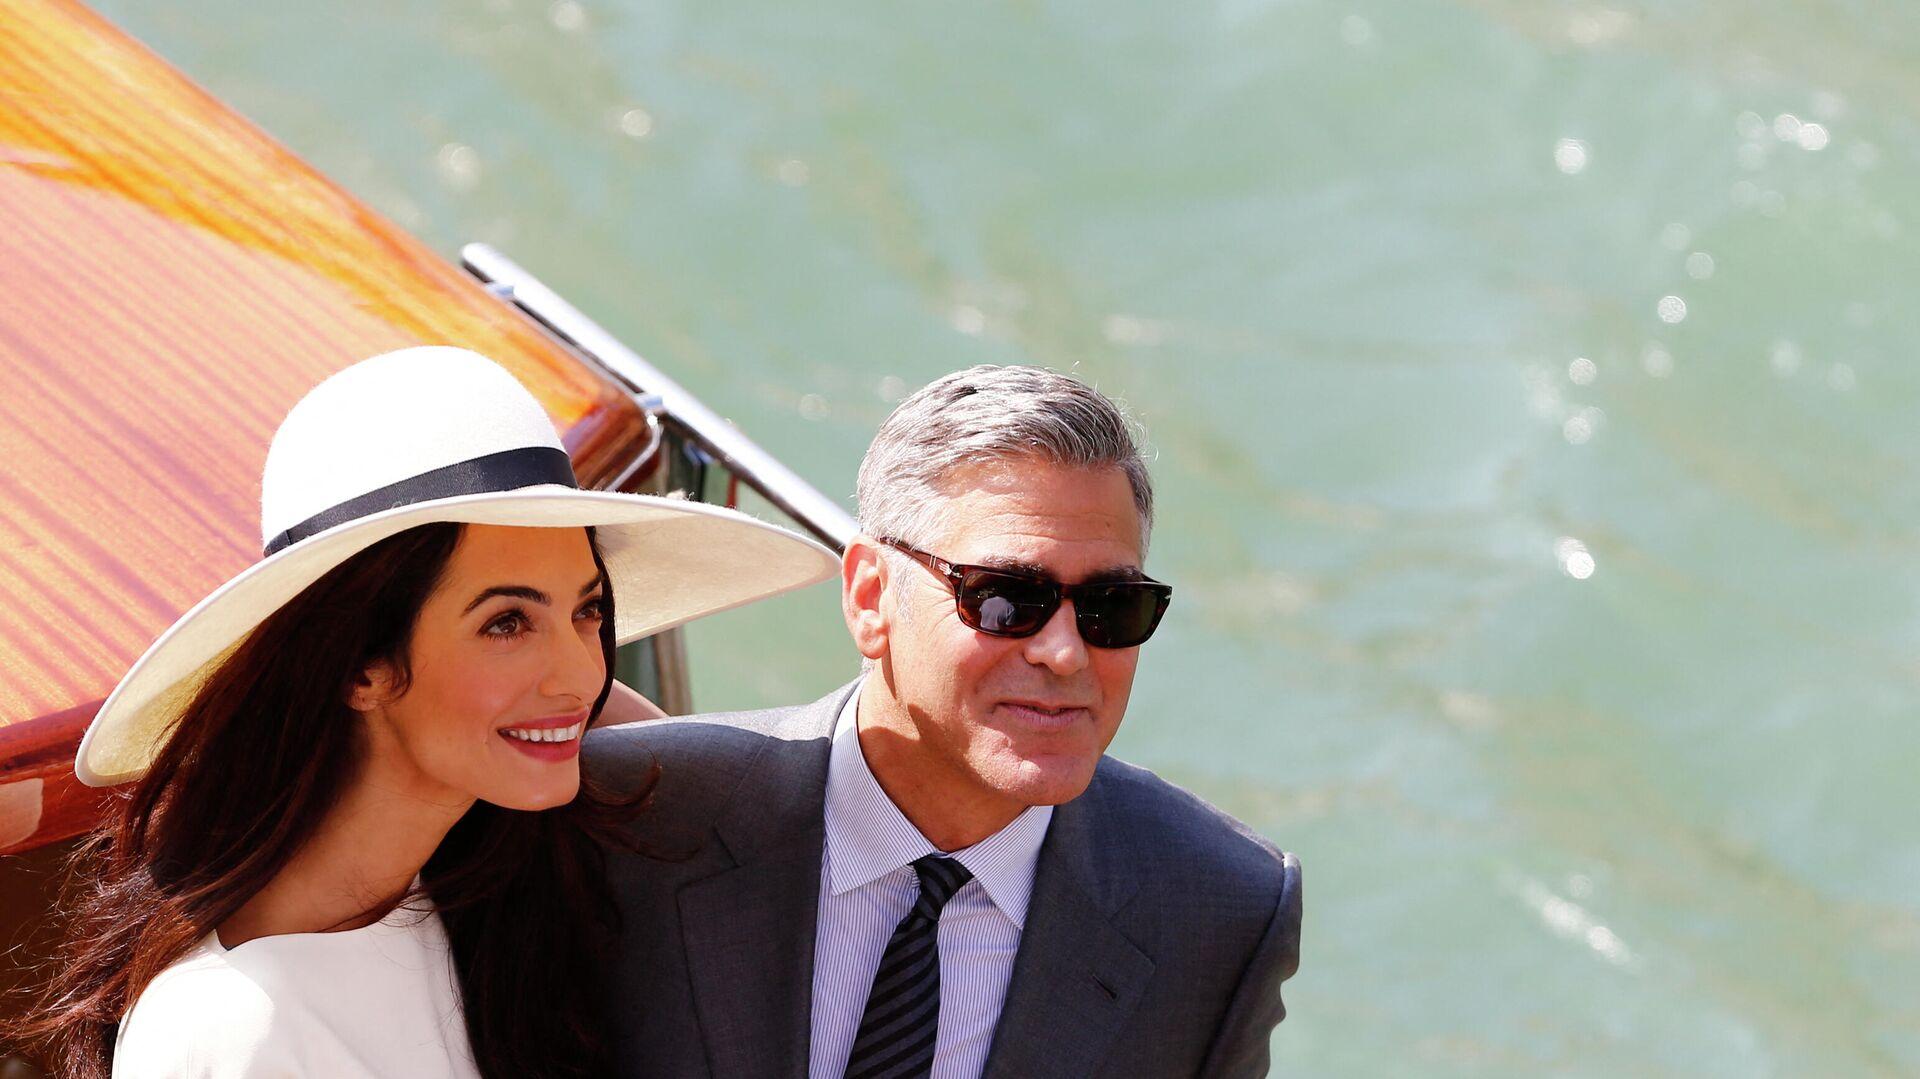 George Clooney junto a Amal en Venecia, el día de su boda civil - Sputnik Mundo, 1920, 06.05.2021